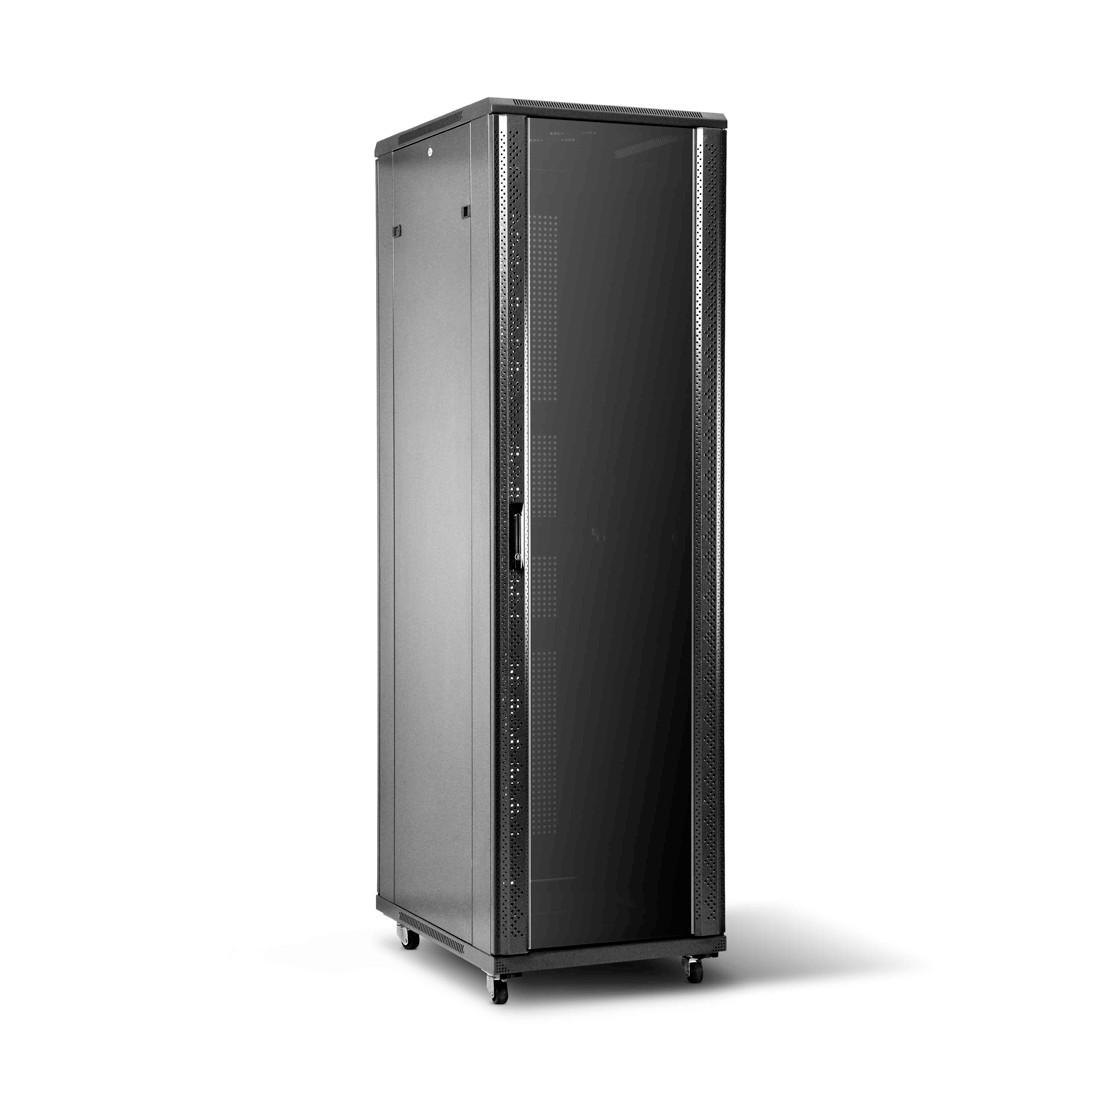 SHIP 601S.6642.24.100 Шкаф серверный 124 серия, 19'' 42U, 600*600*2000 мм, Ш*Г*В, IP20, Чёрный